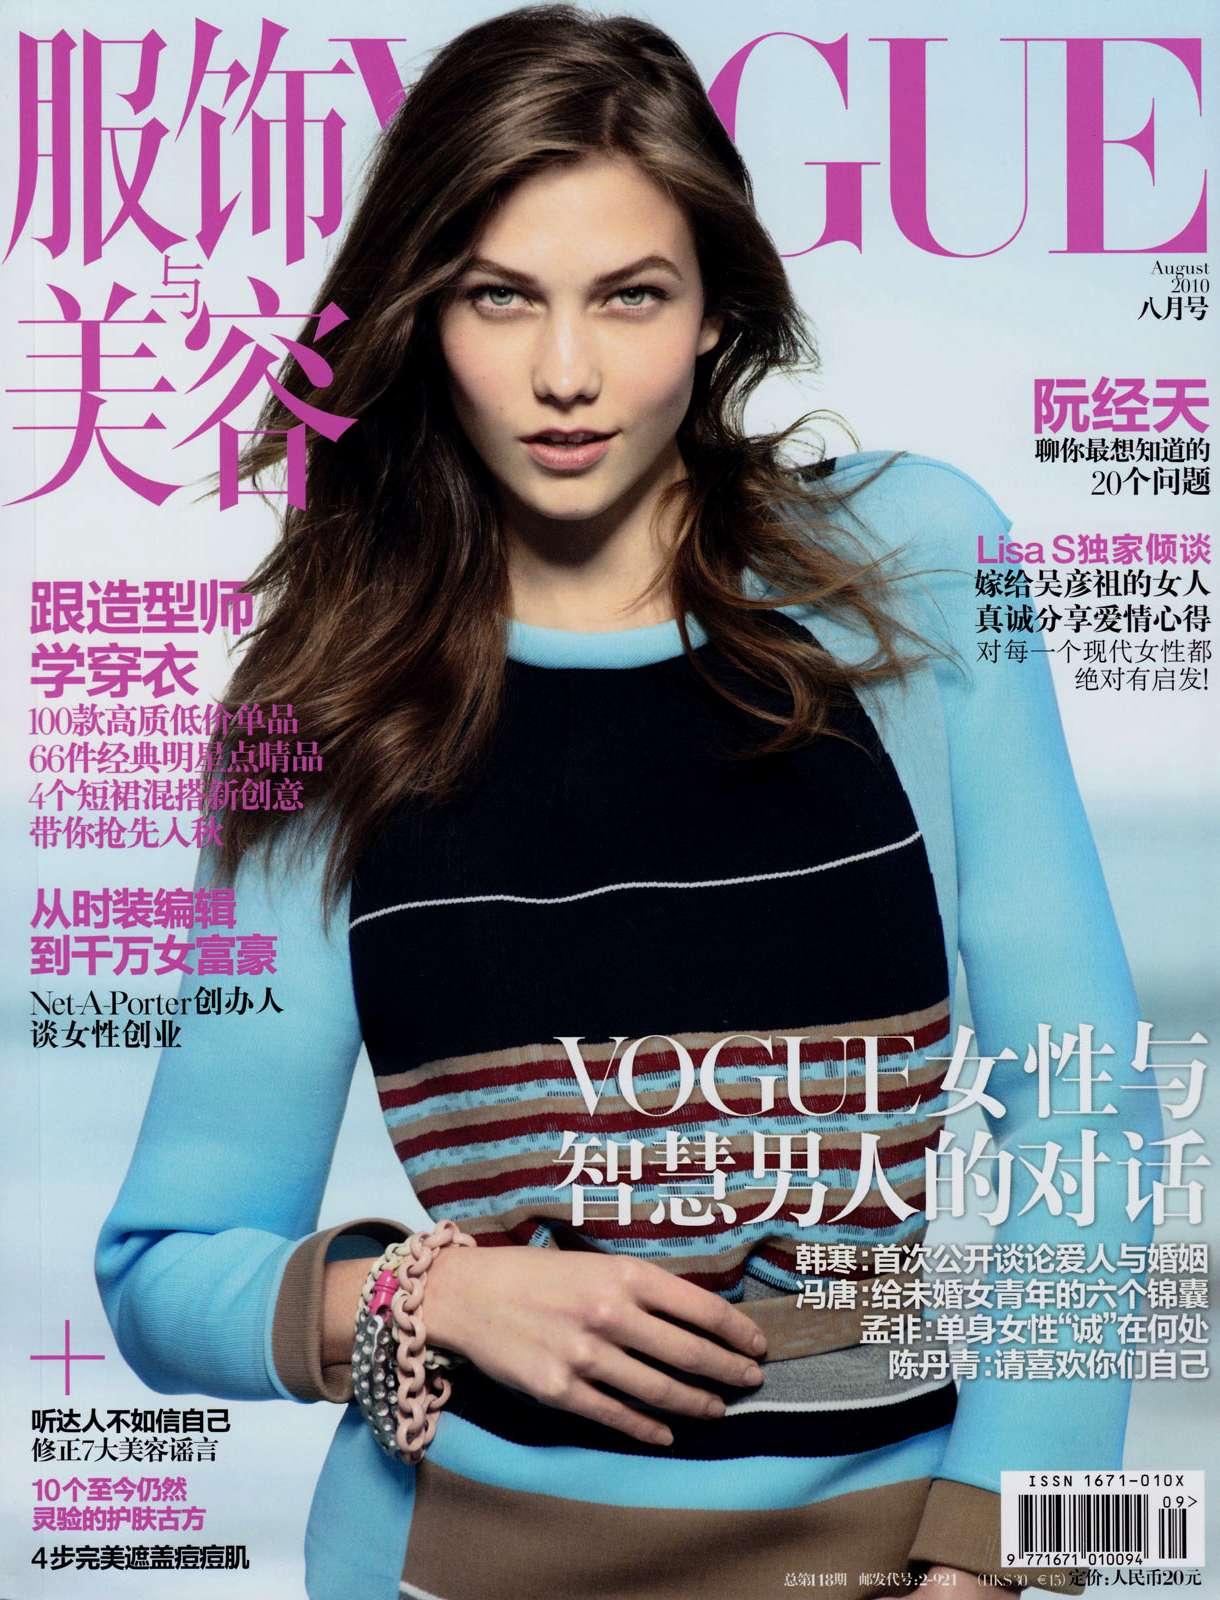 http://4.bp.blogspot.com/_FUYvMNTJrjU/TDyNr_KmSxI/AAAAAAAAEdU/l1hmlSvjD5w/s1600/Karlie+Kloss+Vogue+China.jpg